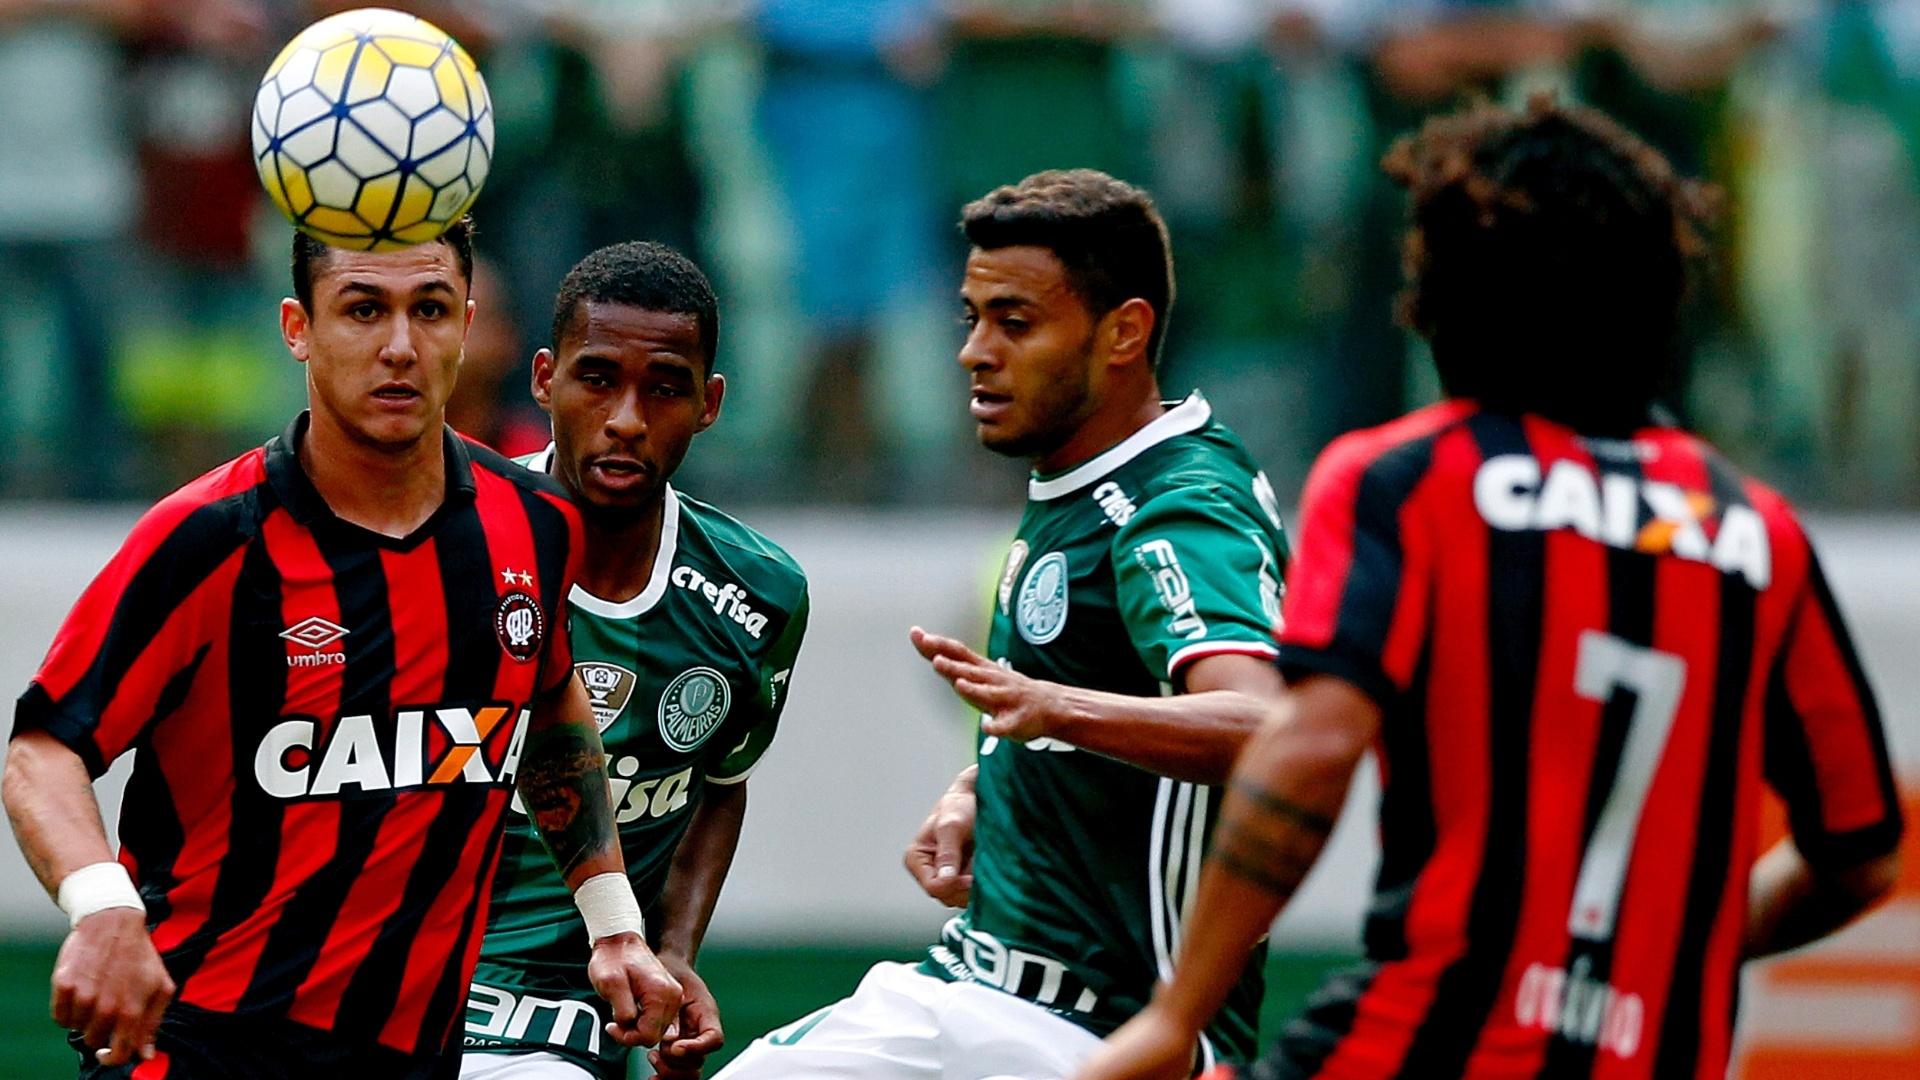 Cleiton Xavier teve bom desempenho diante do Atlético-PR pelo Campeonato Brasileiro